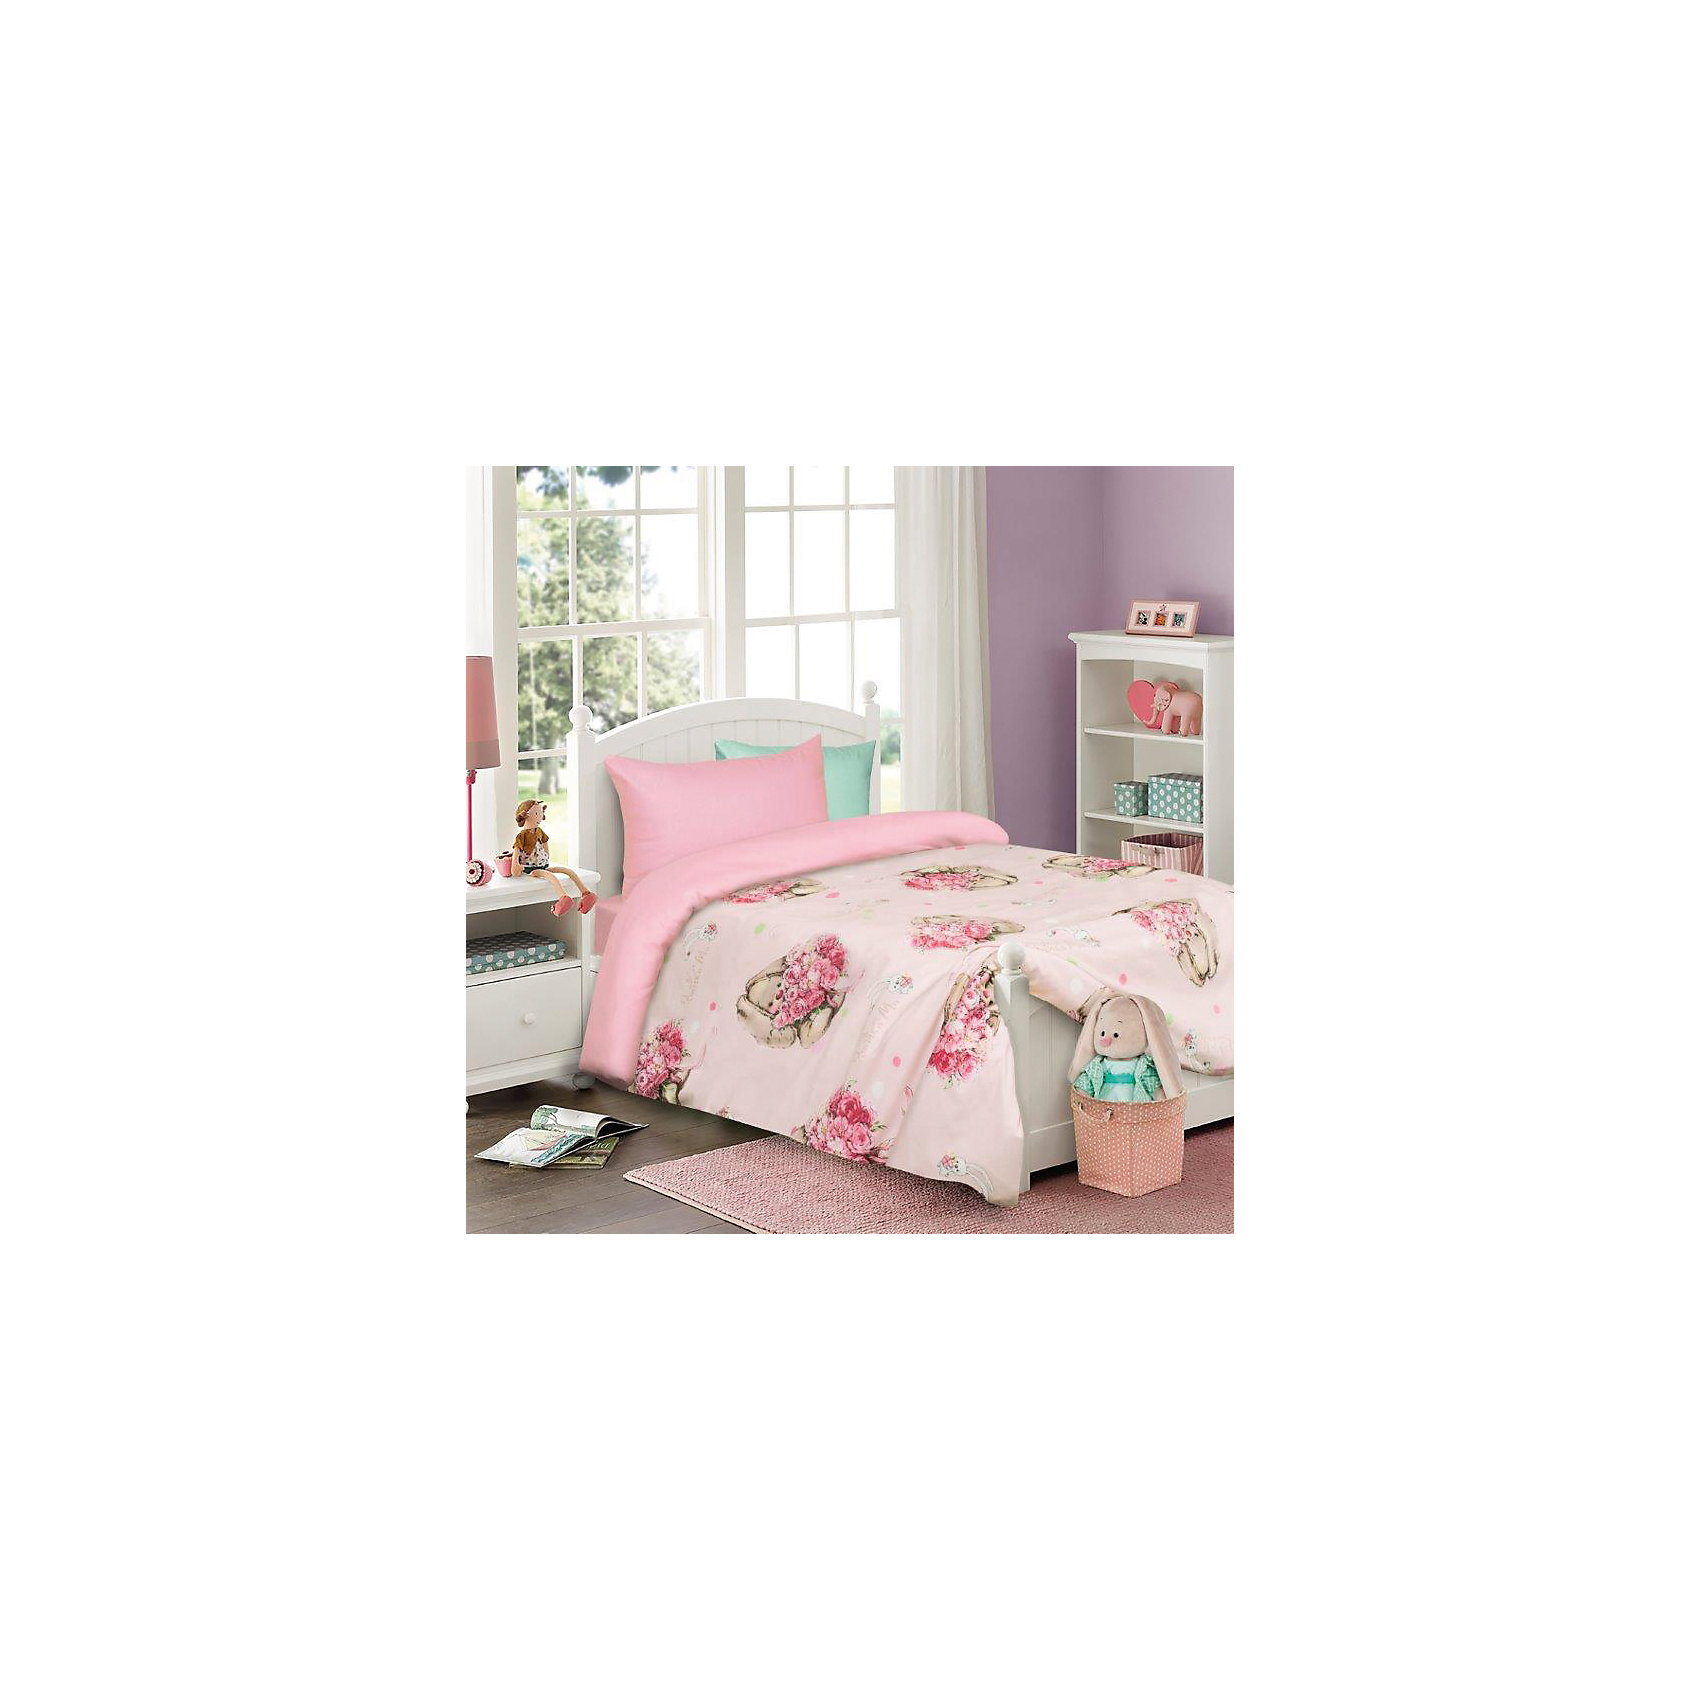 Мона Лиза Постельное белье детское Зайка (на розовом 50х70), Mona-Liza мона лиза 2 спальное наволочка 50х70 samui